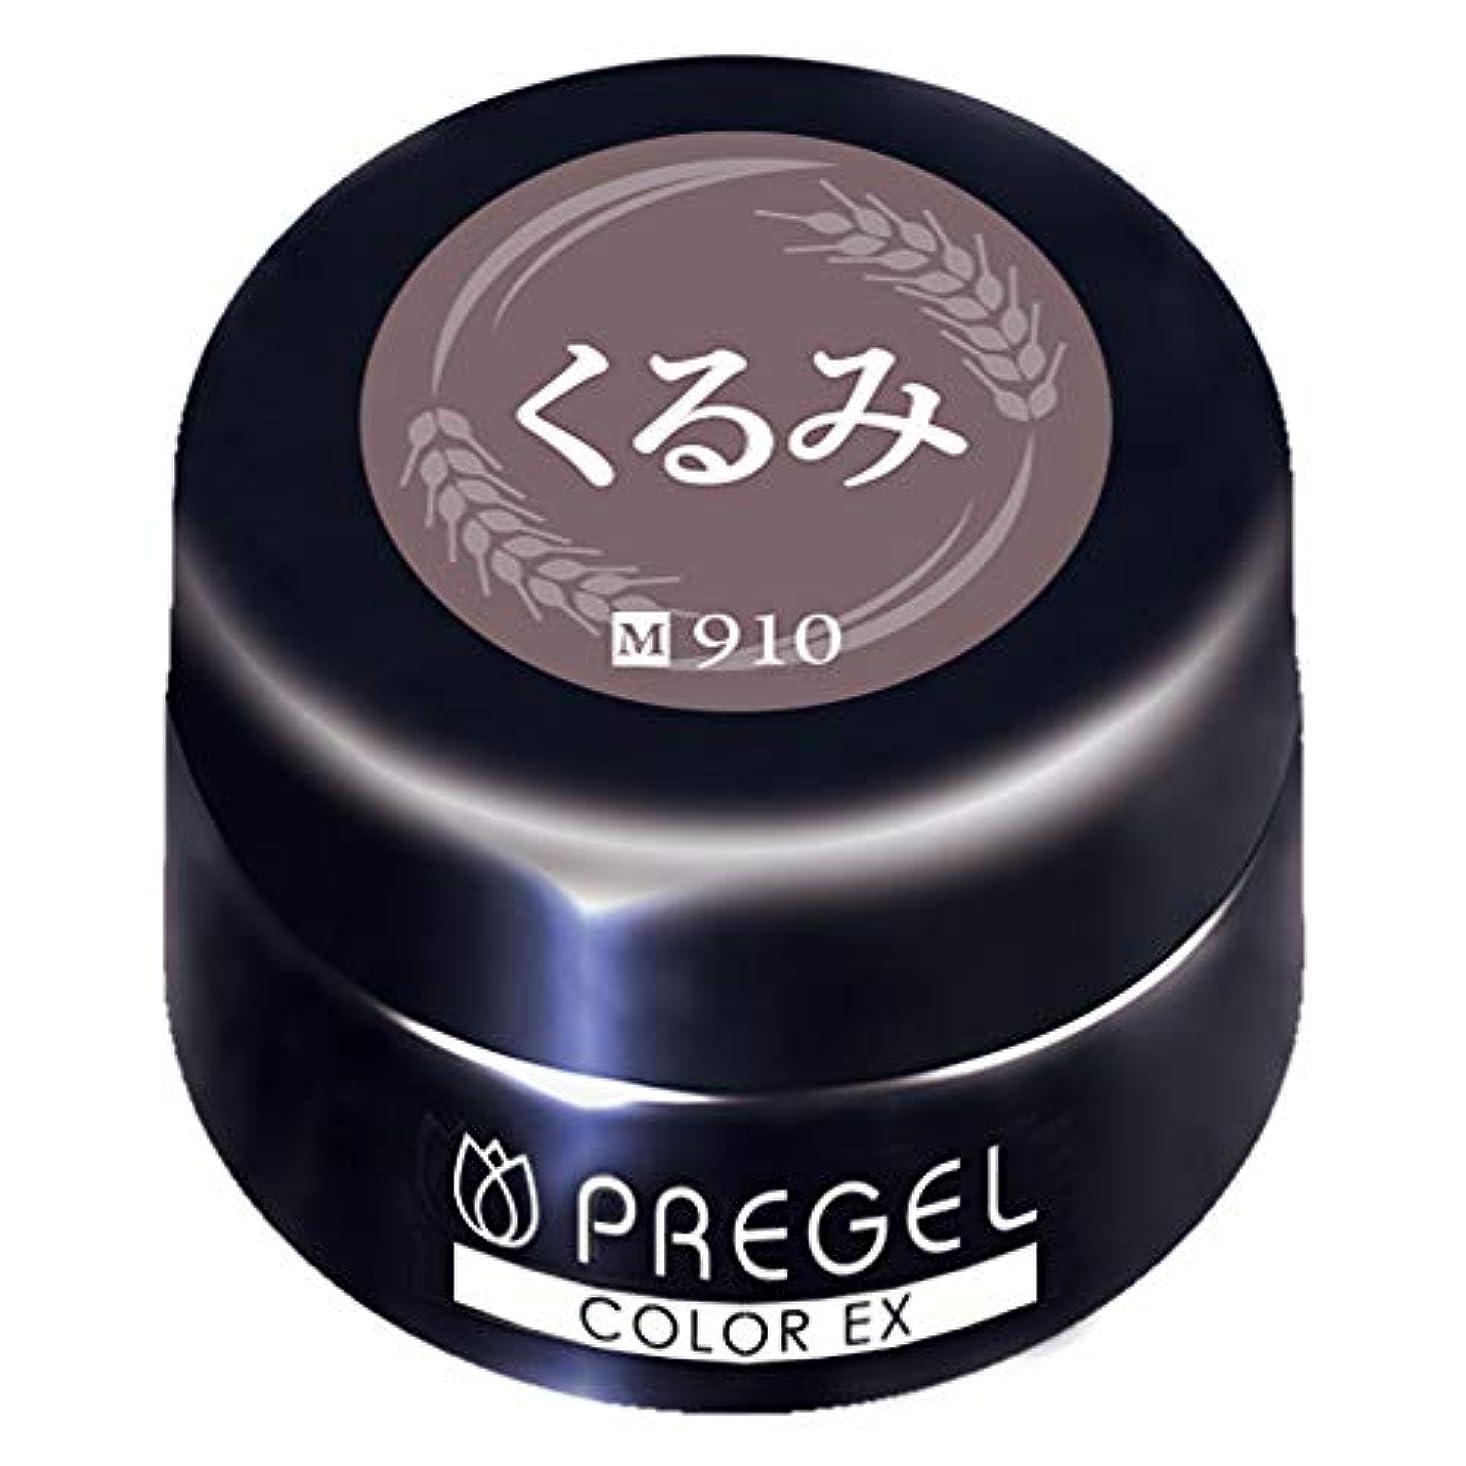 定刻雇用メダリストPRE GEL(プリジェル) カラーEX くるみ 3g PG-CE910 UV/LED対応